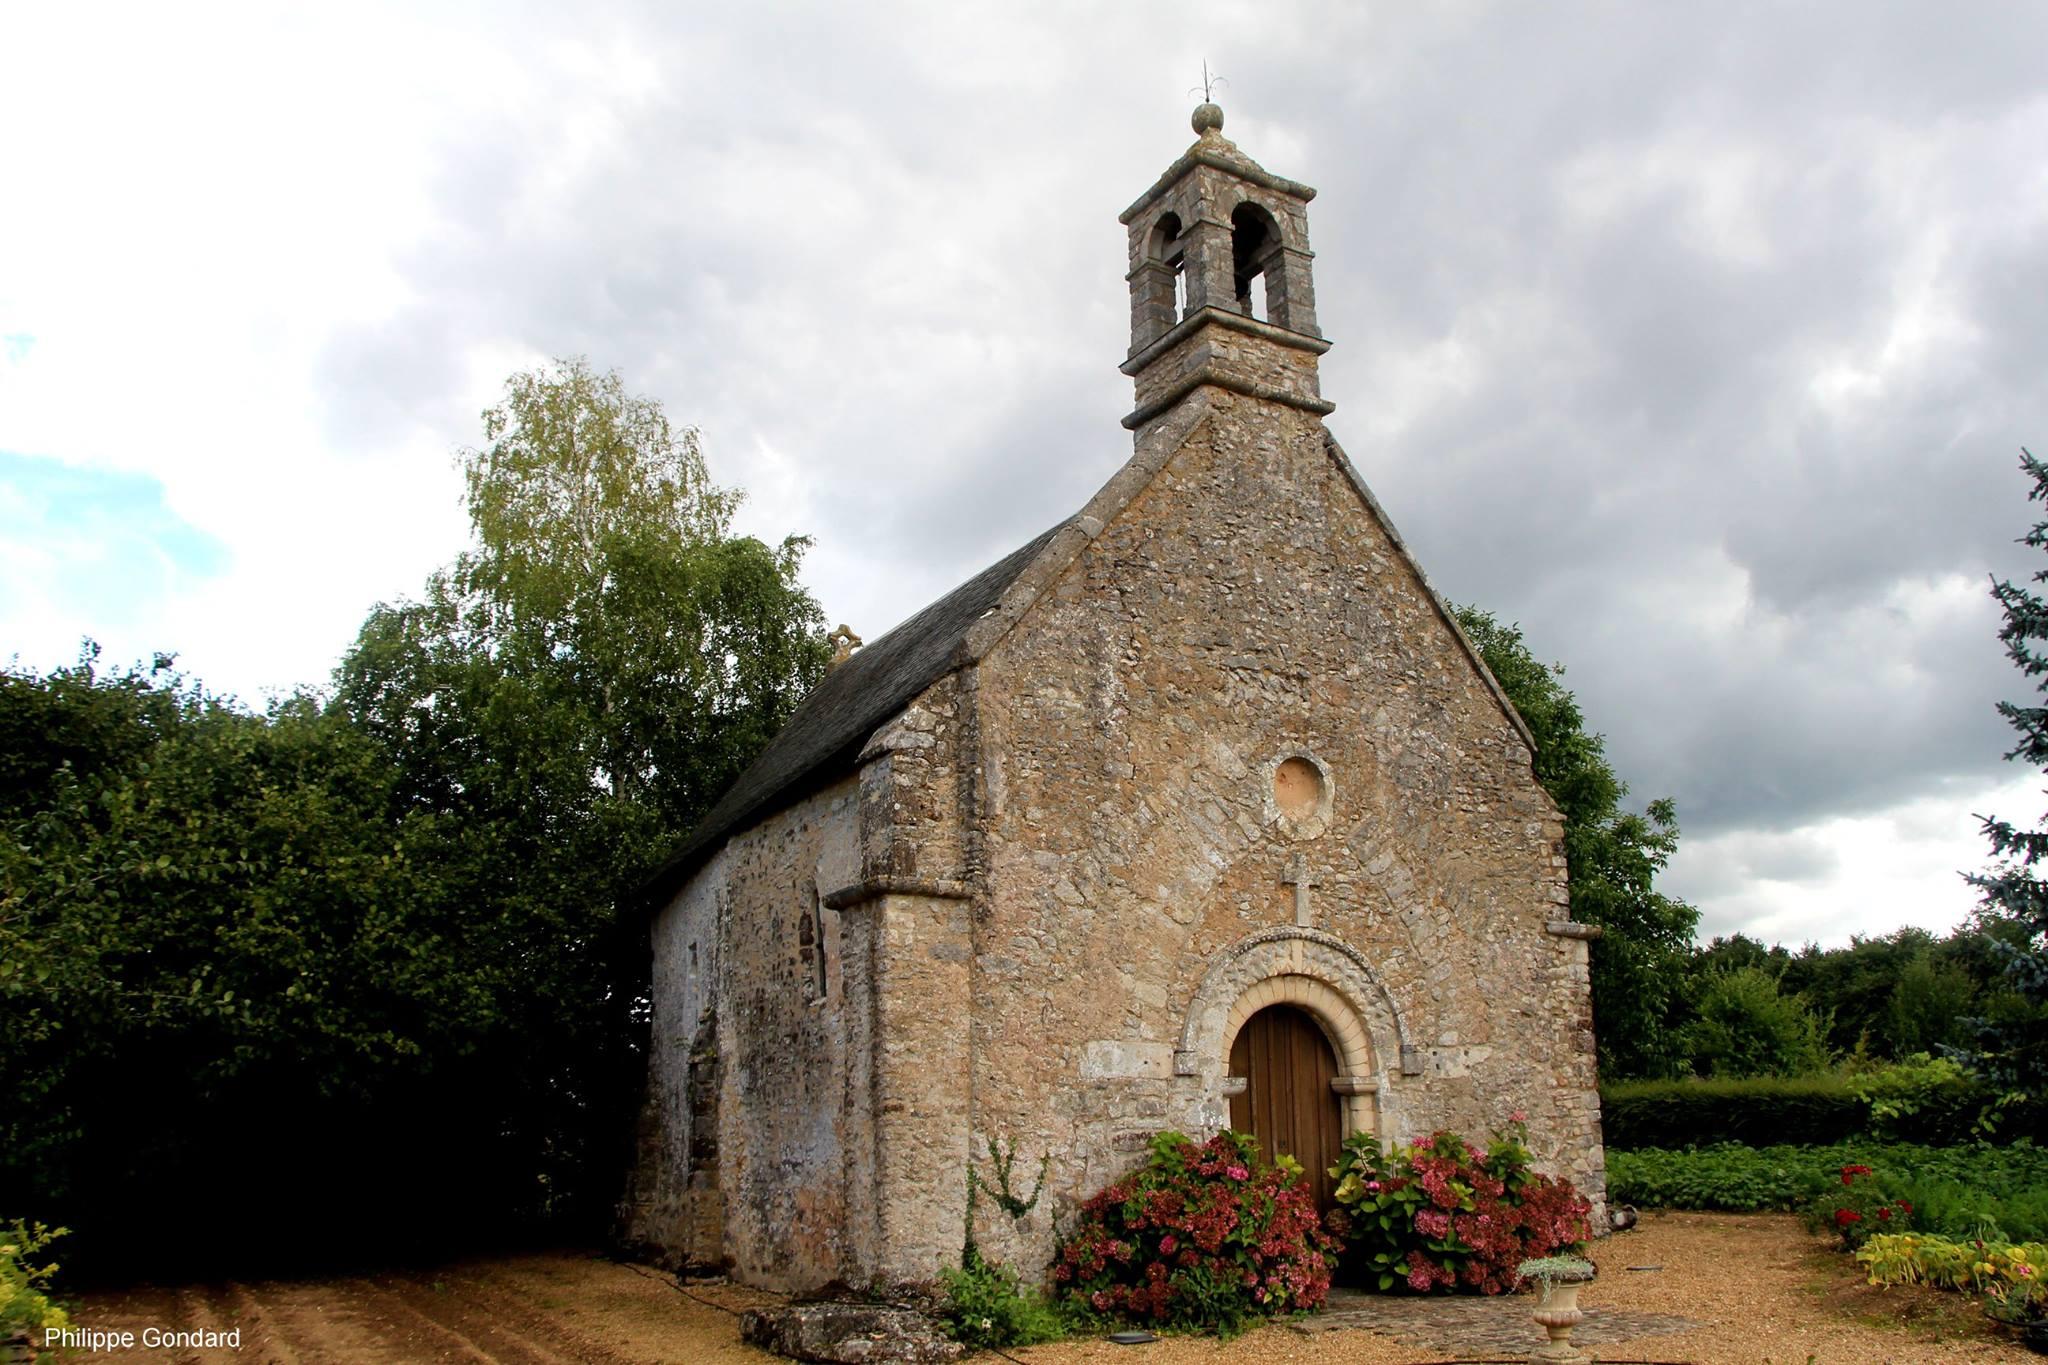 Conlie - Chapelle Saint Hilaire et Saint Eutrope de Verniette 03 (Philippe Gondard)